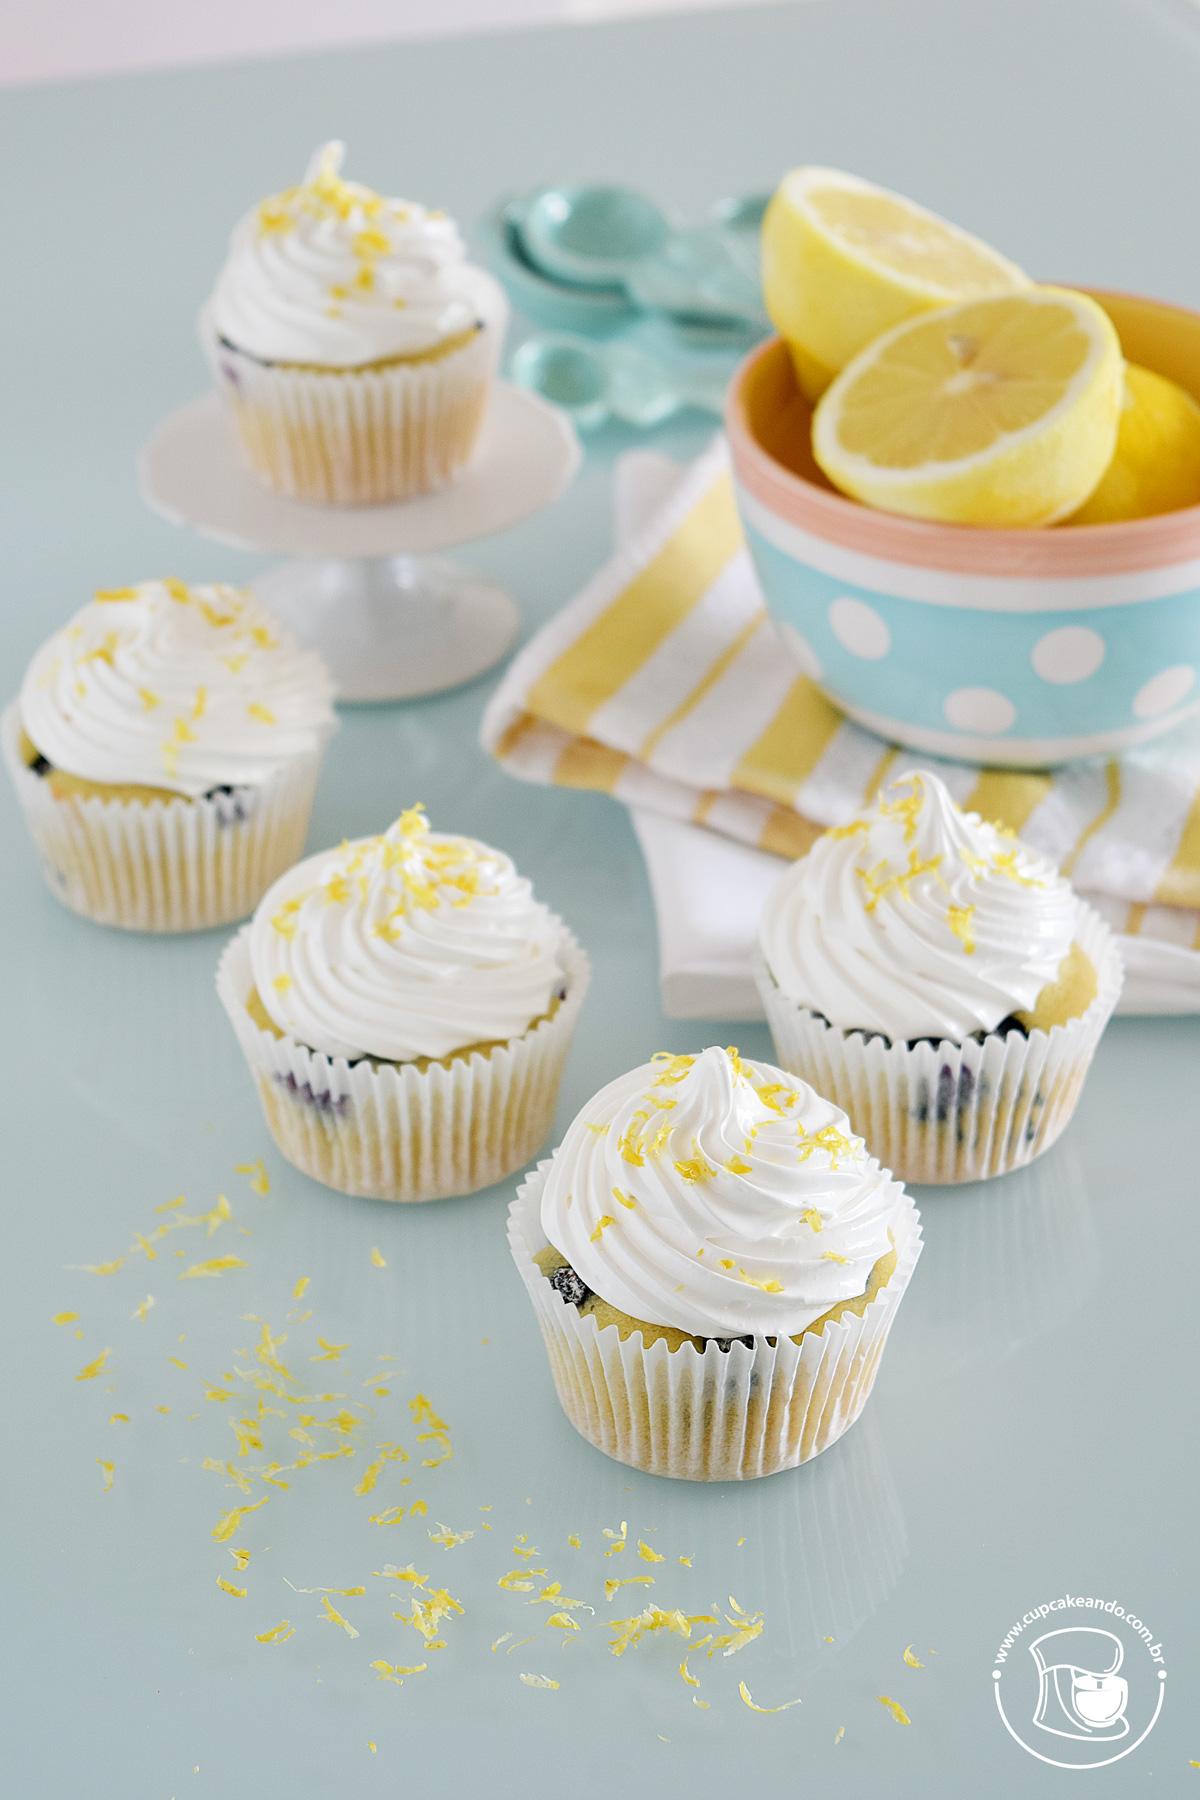 Cupcakes de limão e mirtilo, sem lactose